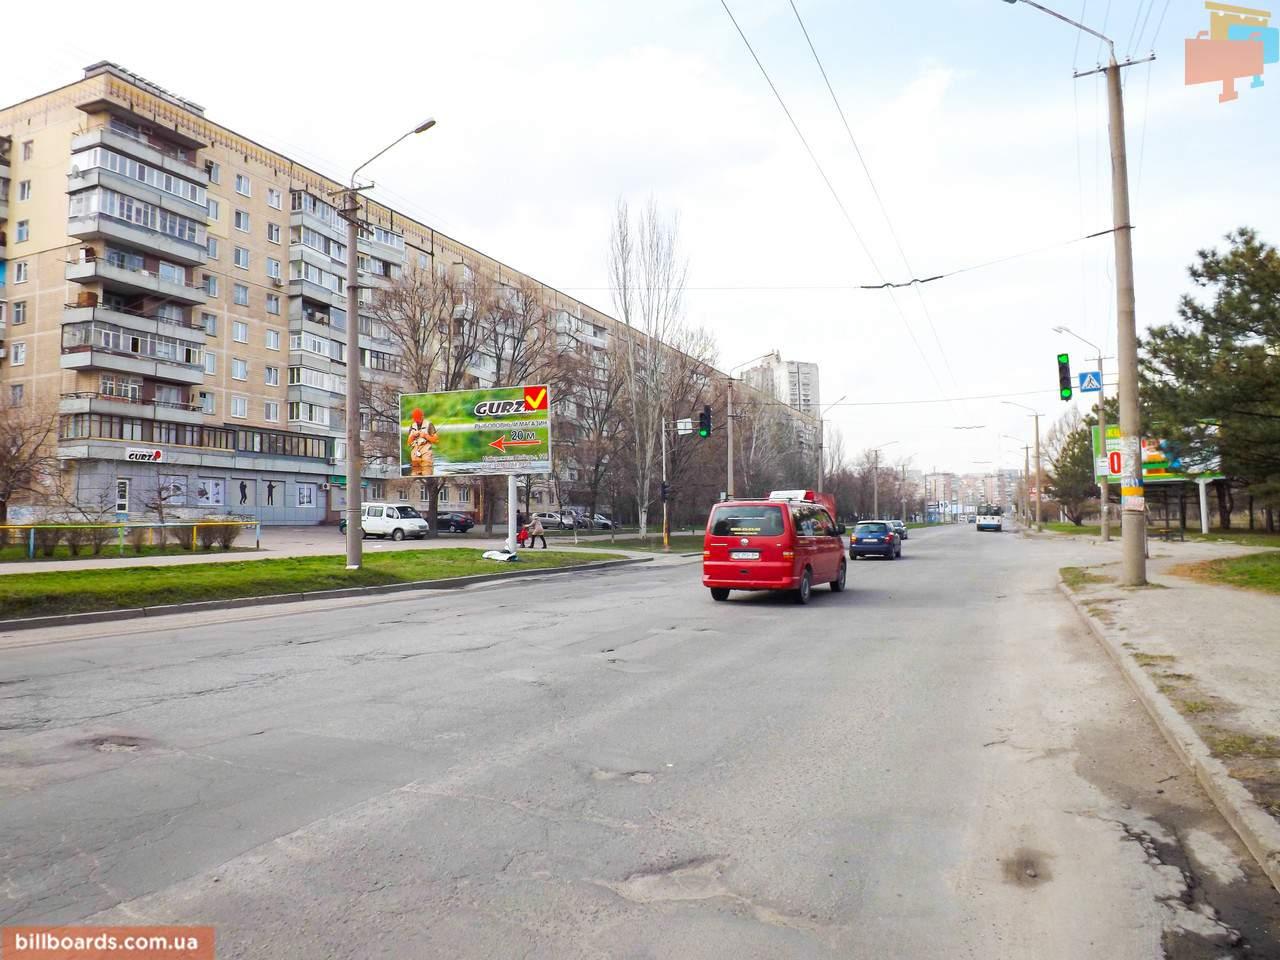 картинки днепропетровска набережная победы кролики различаются